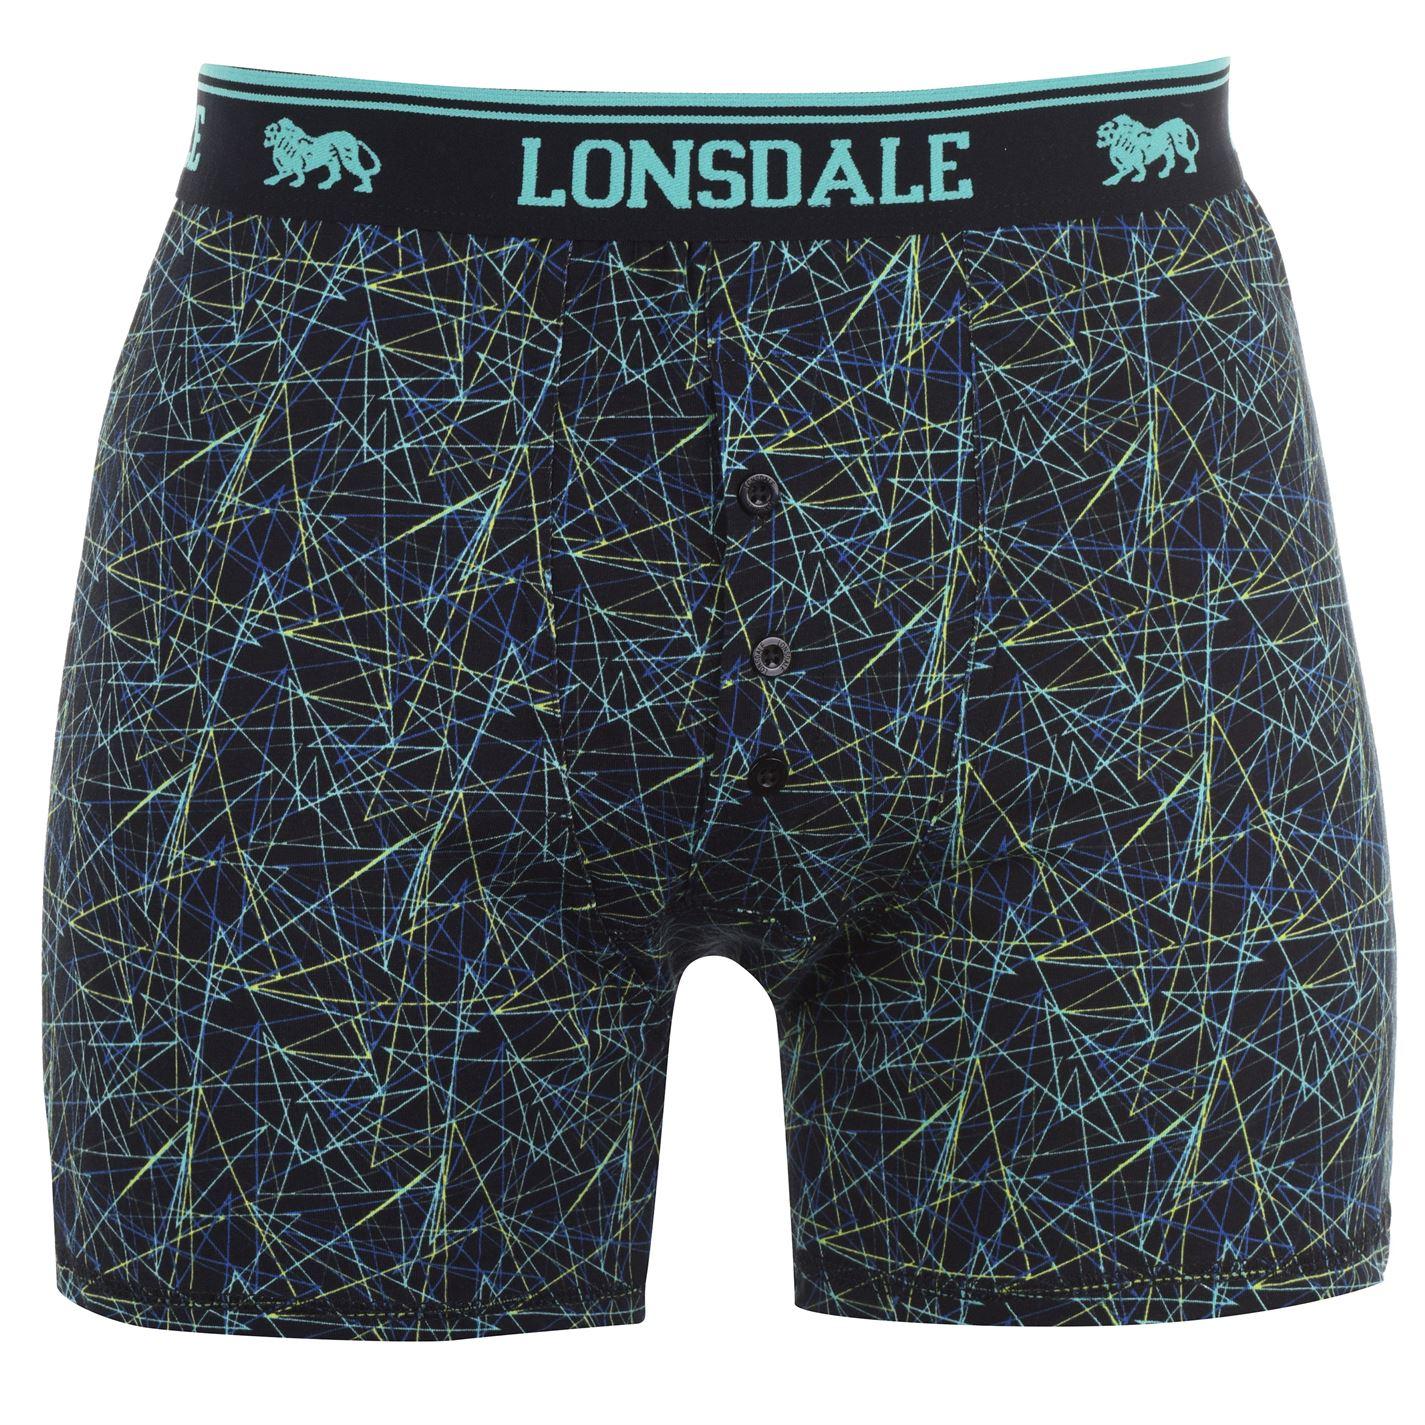 Lonsdale pánské boxerky 2 kusy